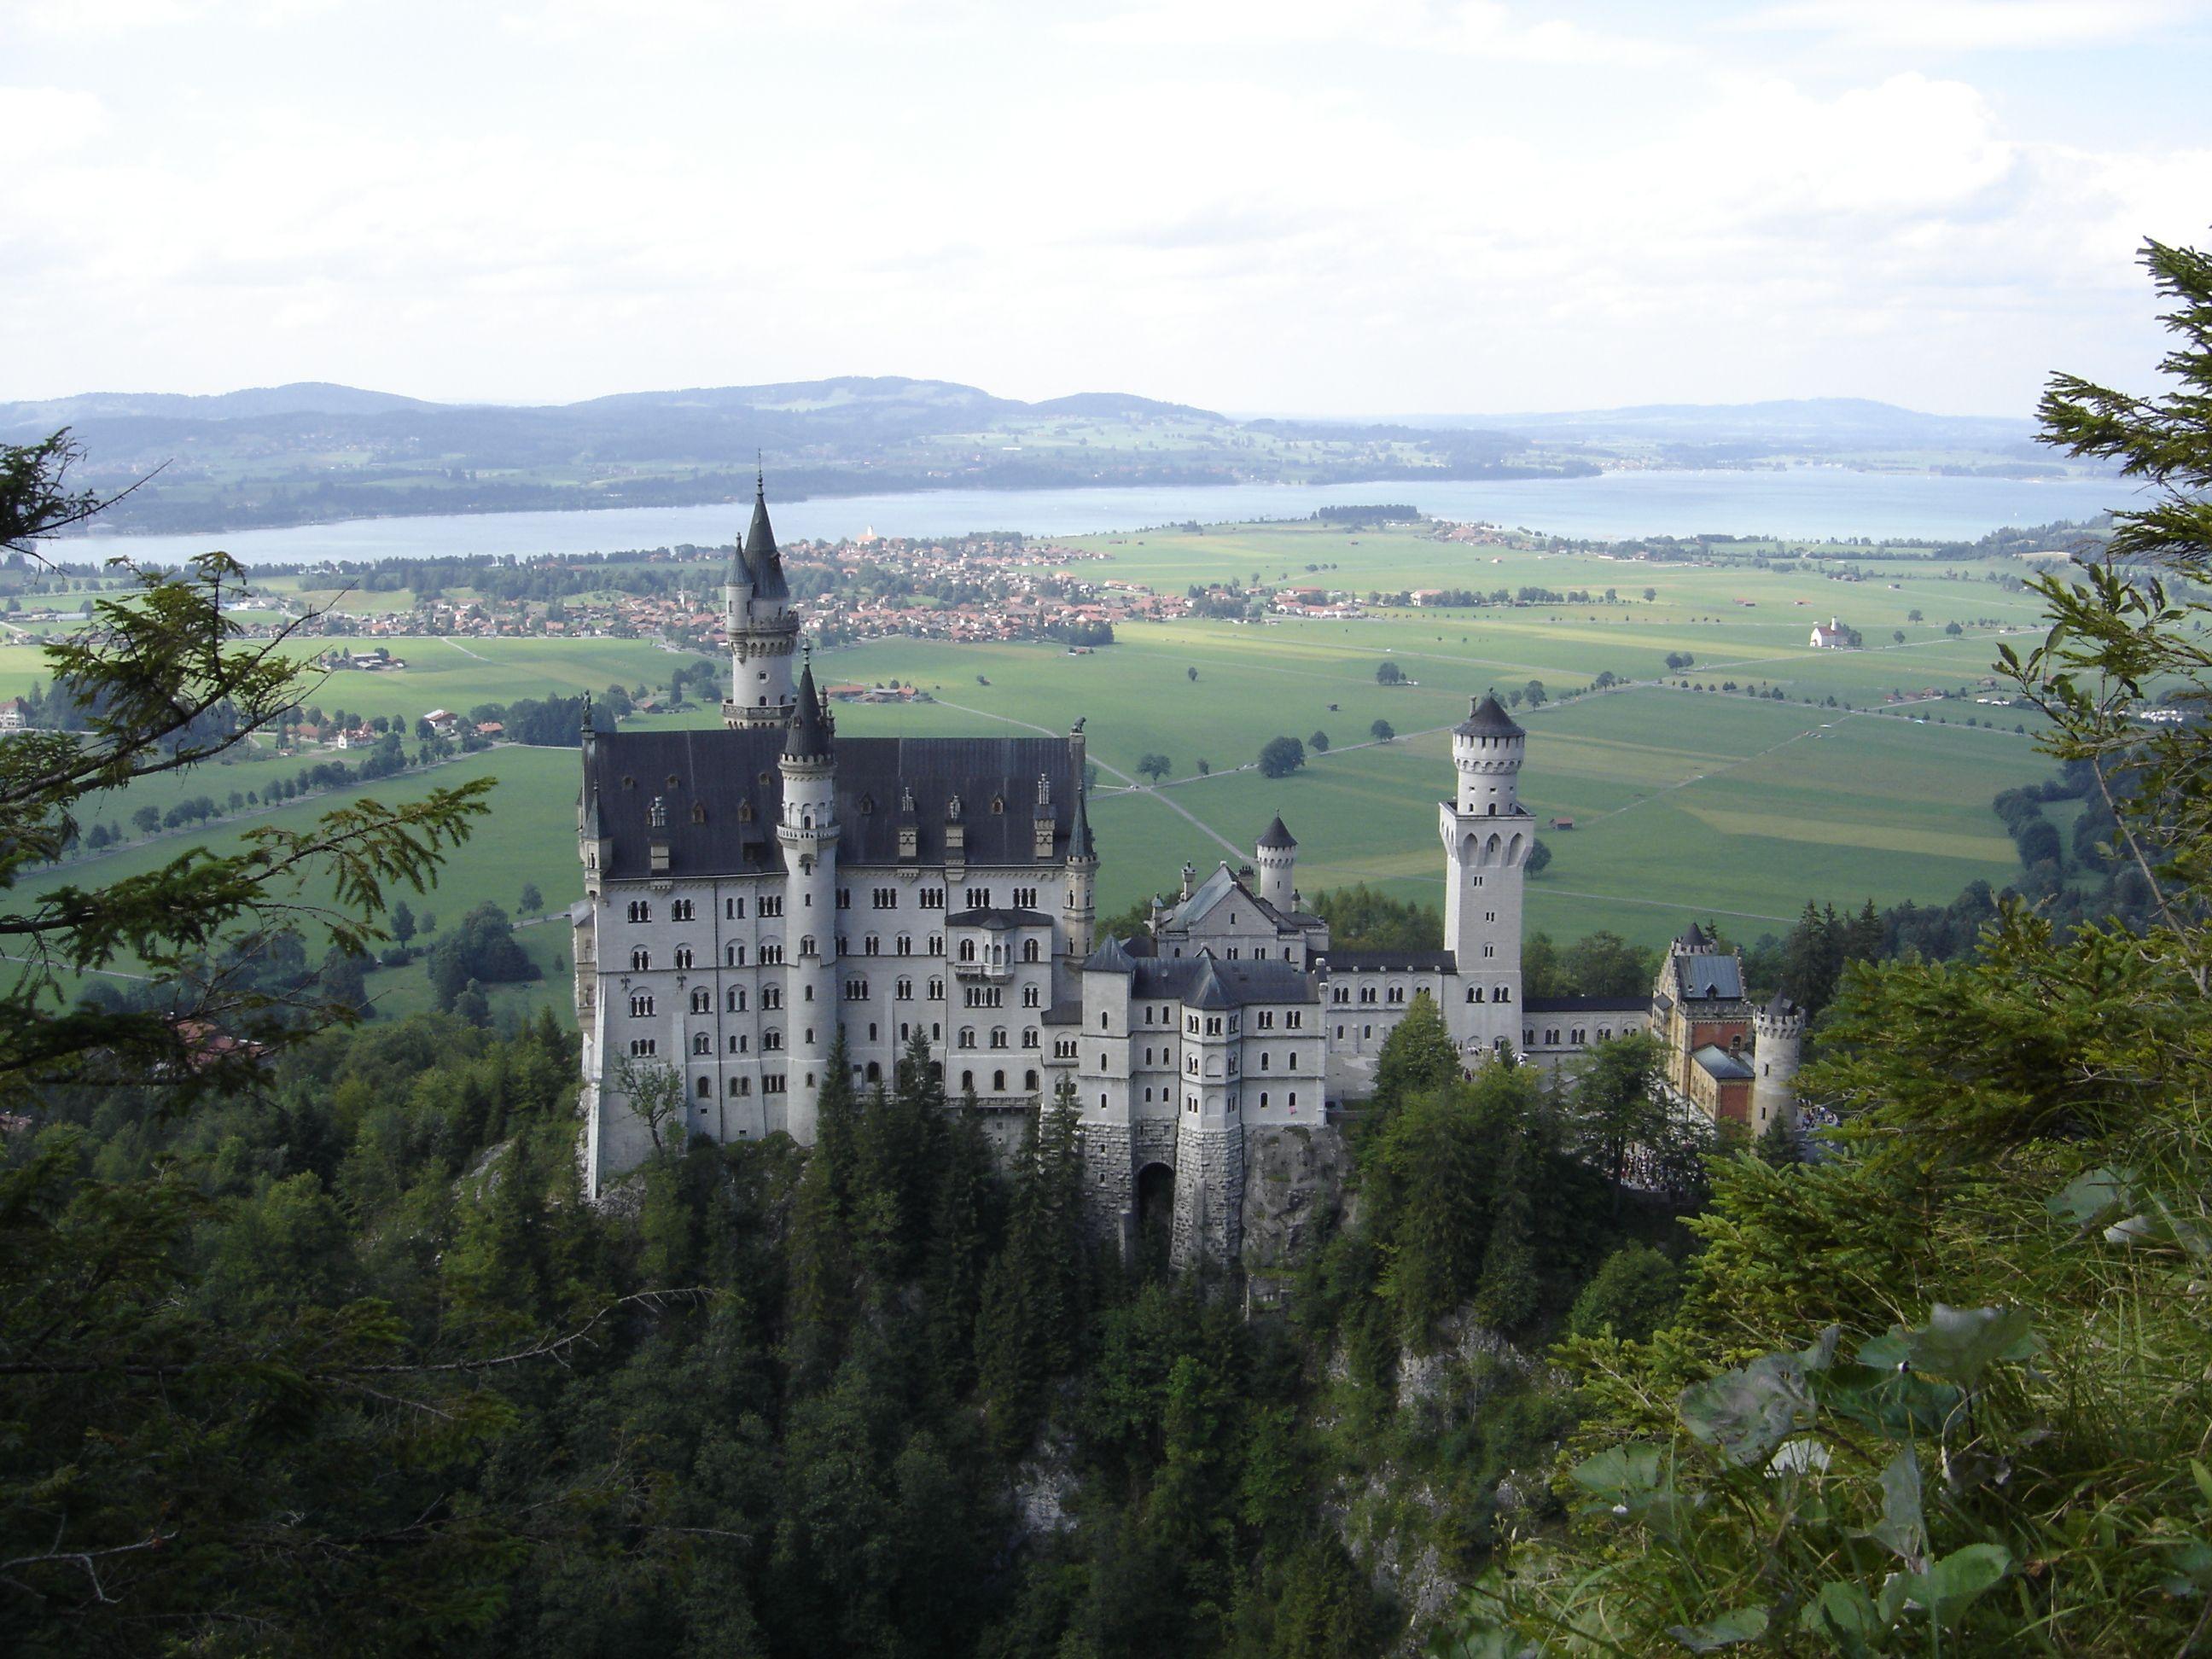 Neuschwanstein Castle. Germany. Neuschwanstein castle